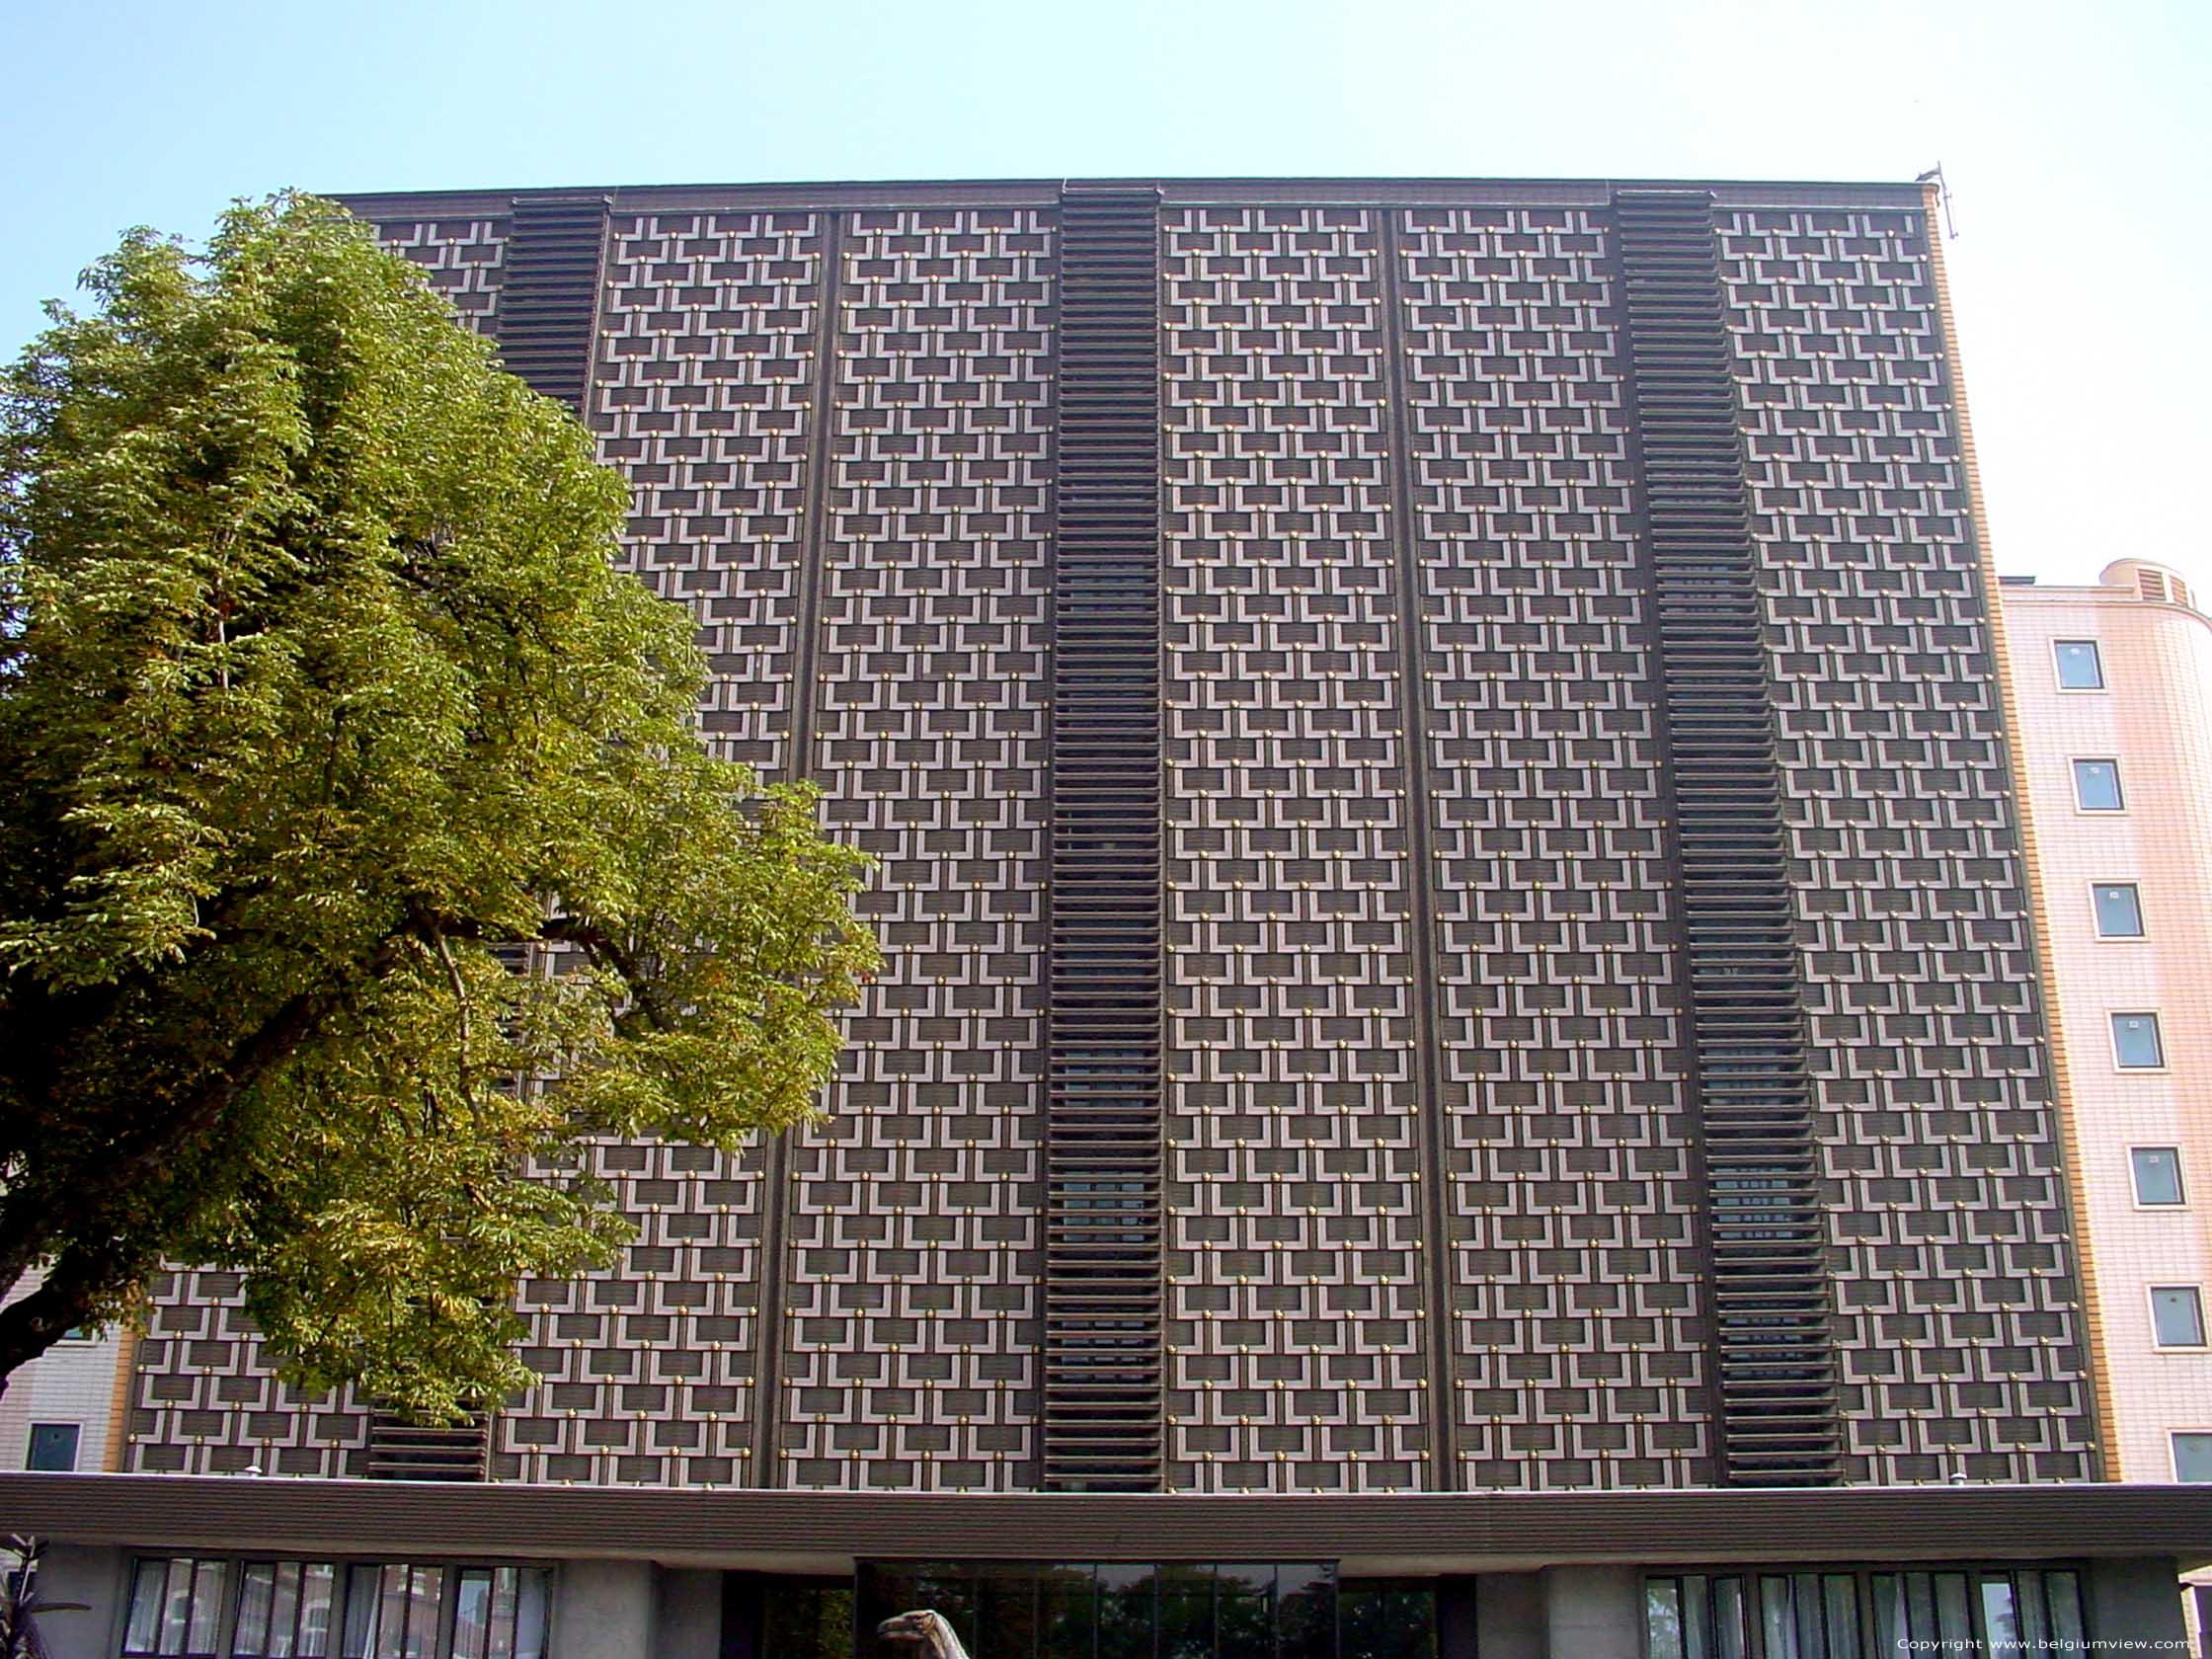 Royal Belgian Institute of Natural Sciences